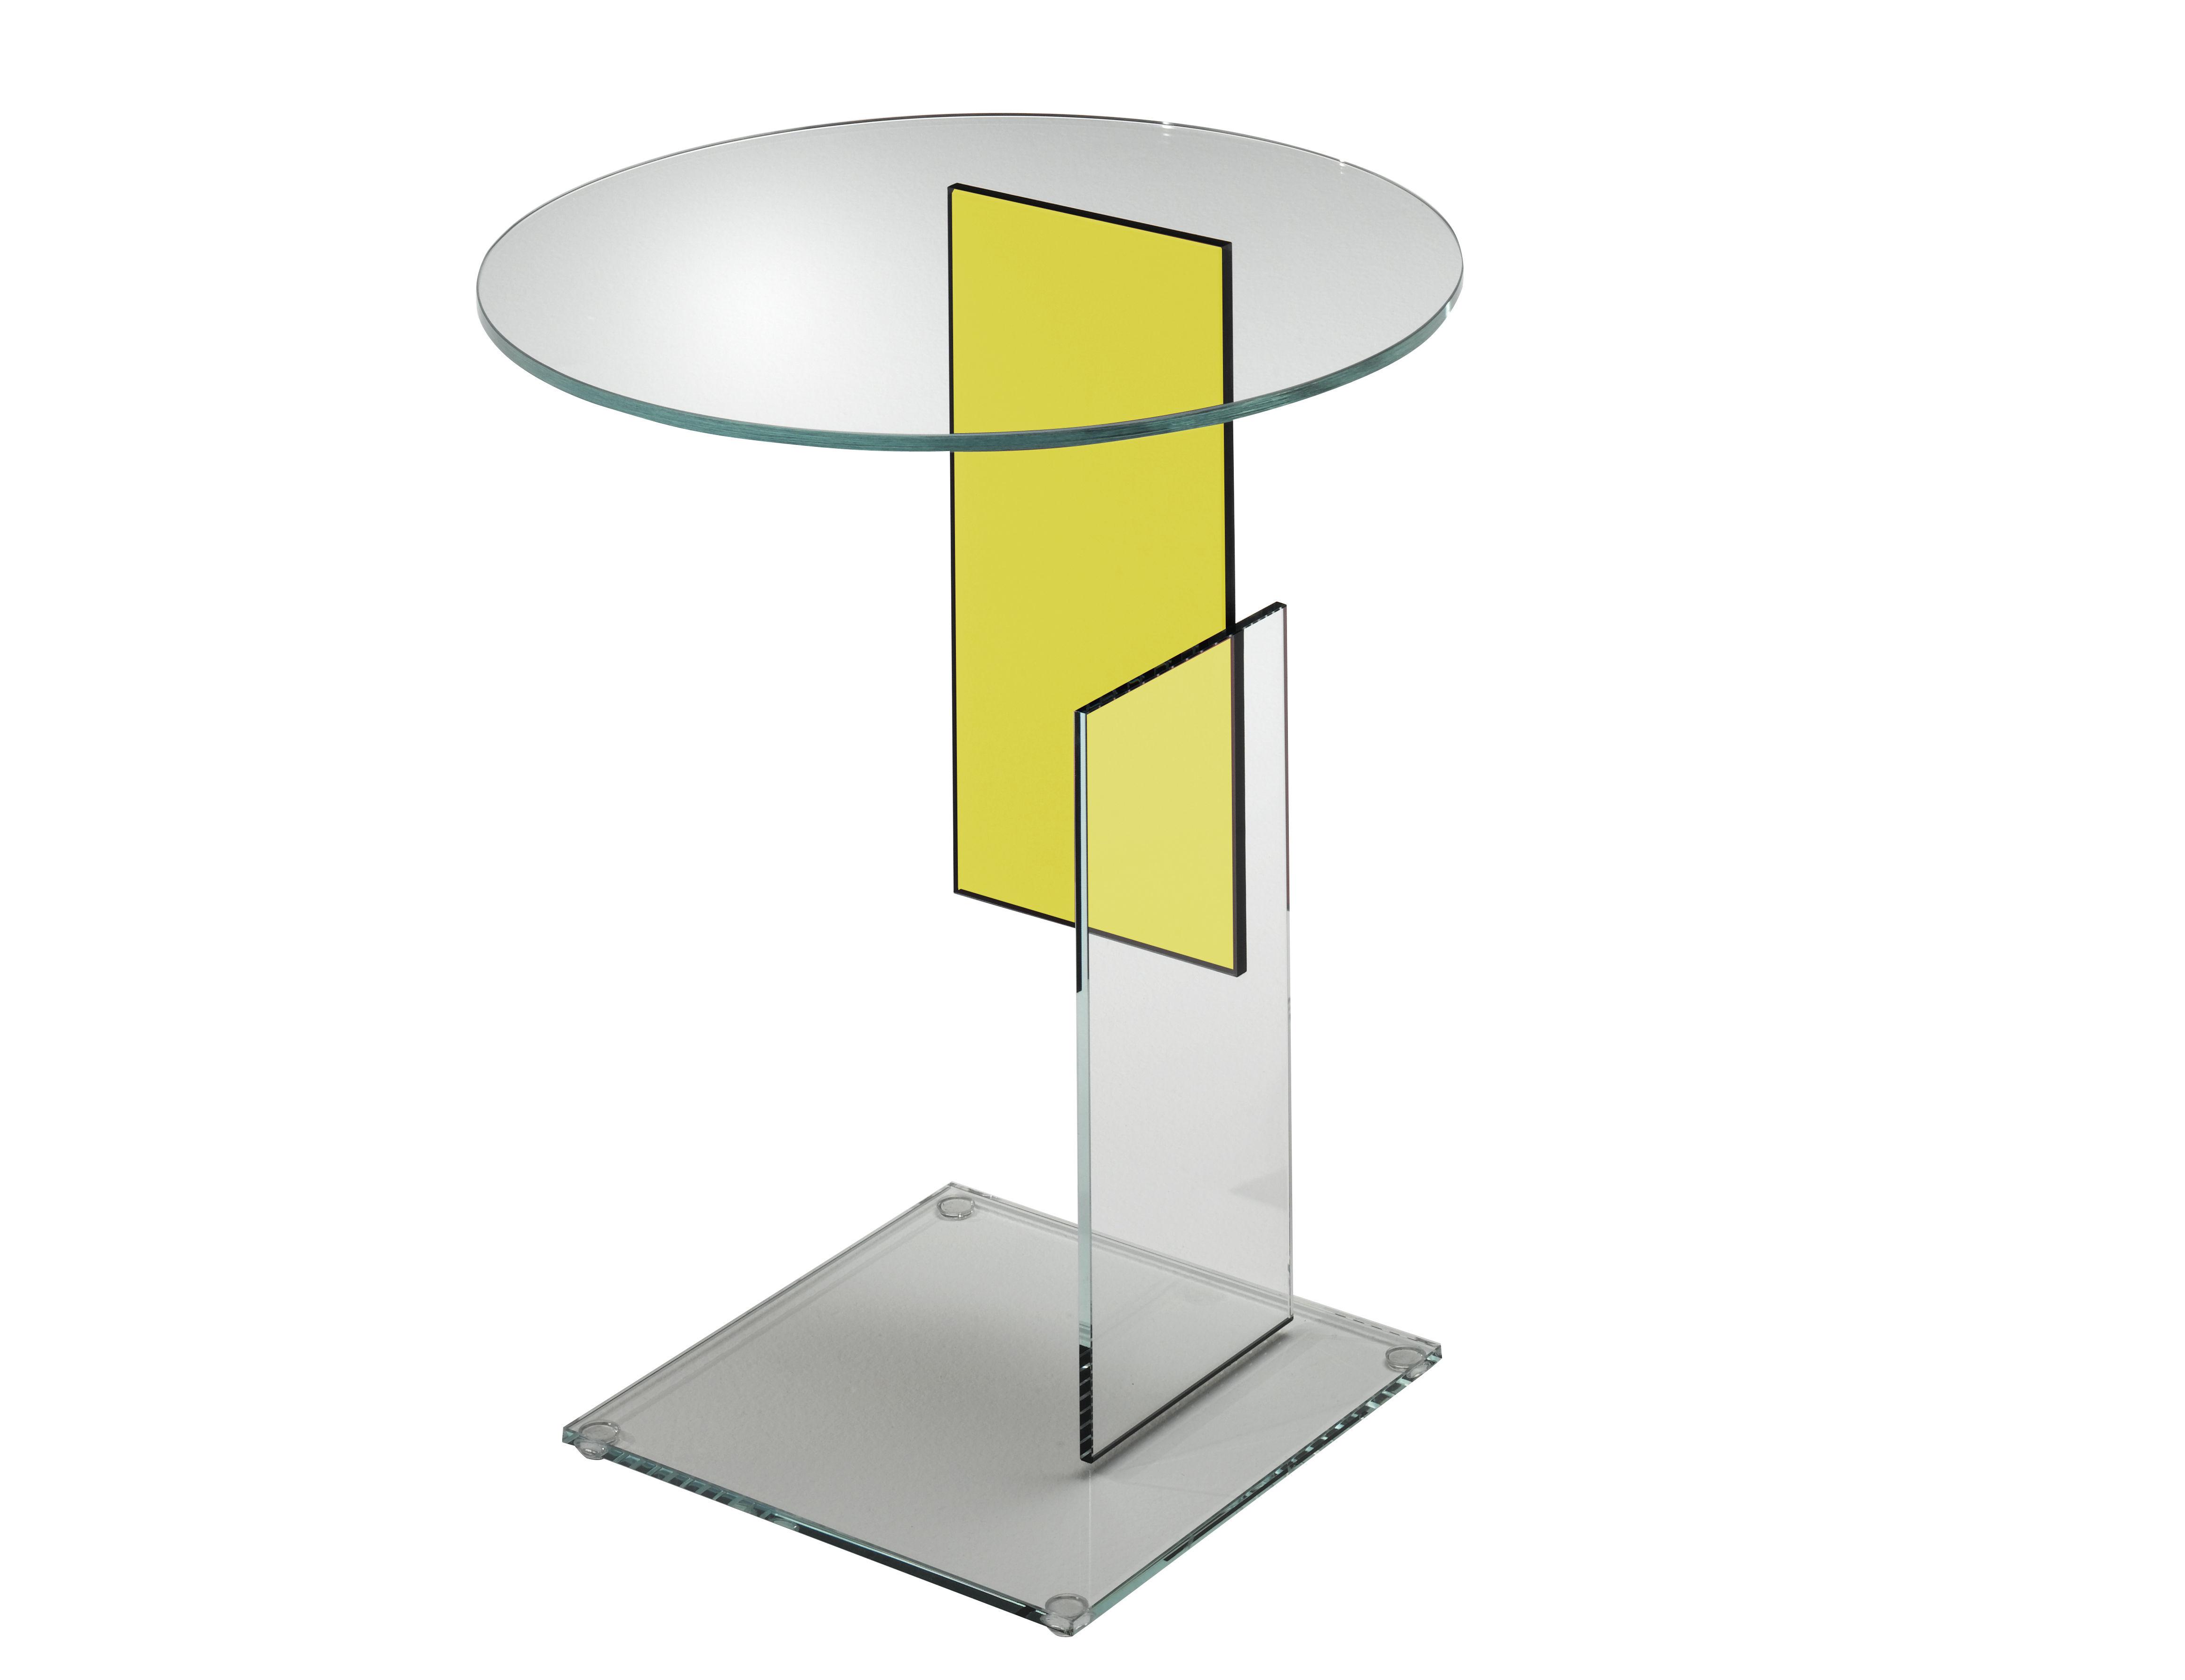 Möbel - Couchtische - Don Gerrit Couchtisch - Glas Italia - Transparent / Gelb - Glas